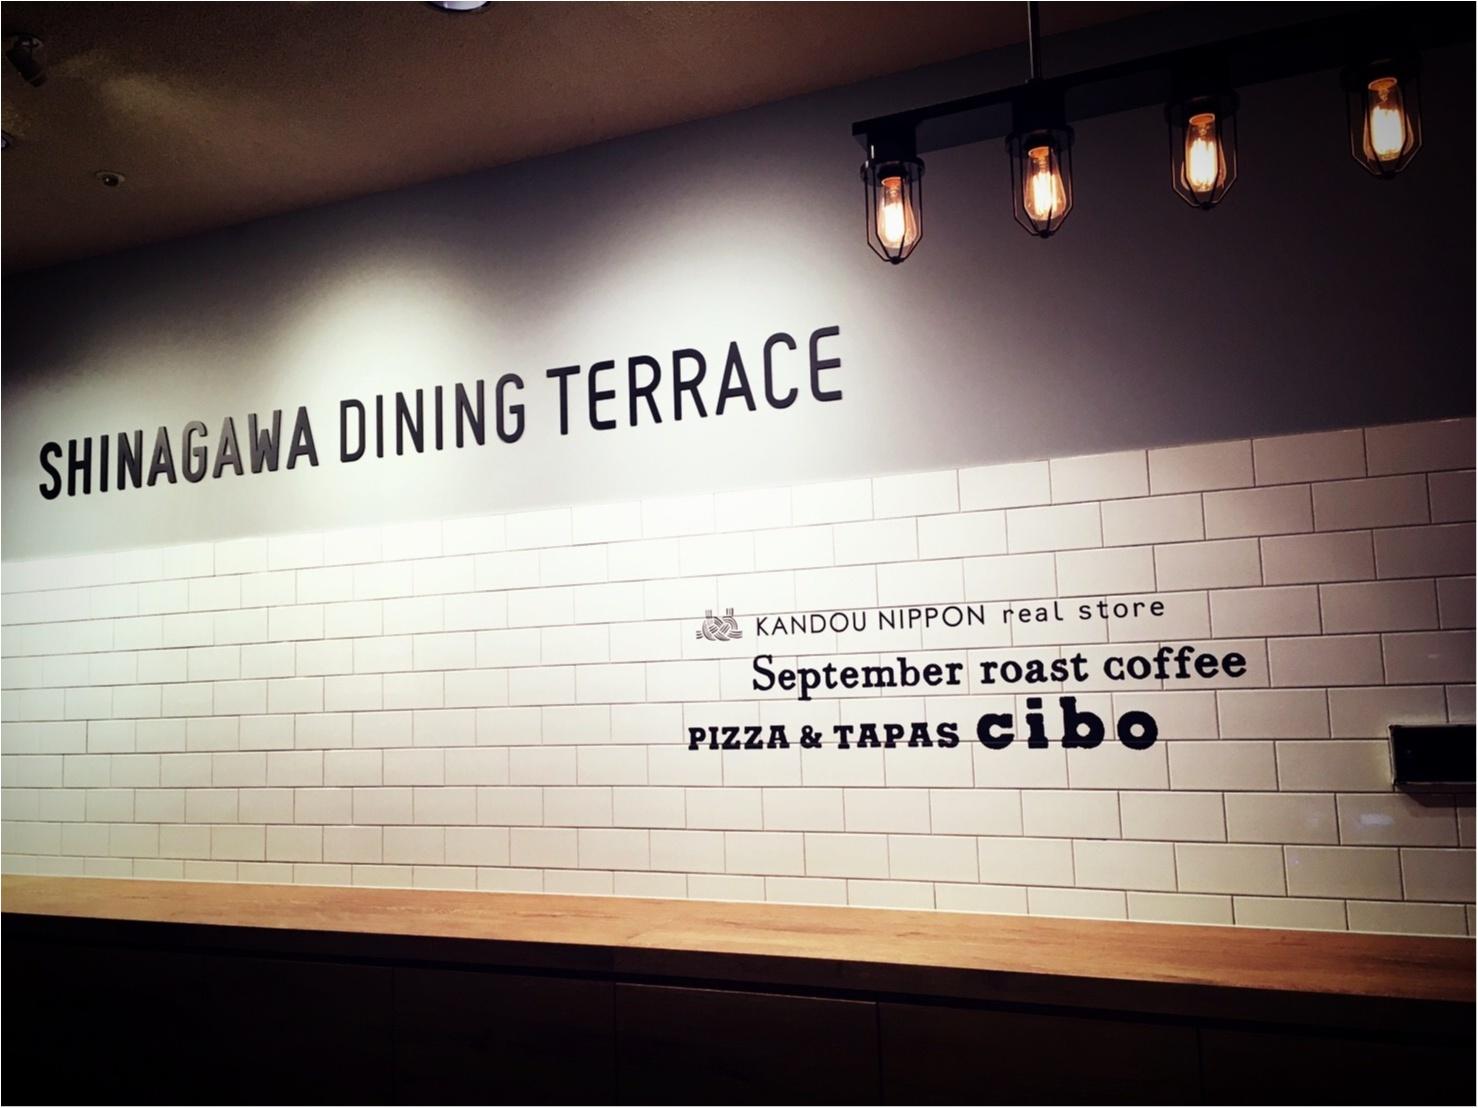 デートでも♡女子会でも行きたい!【SHINAGAWA DINING TERRACE】_1